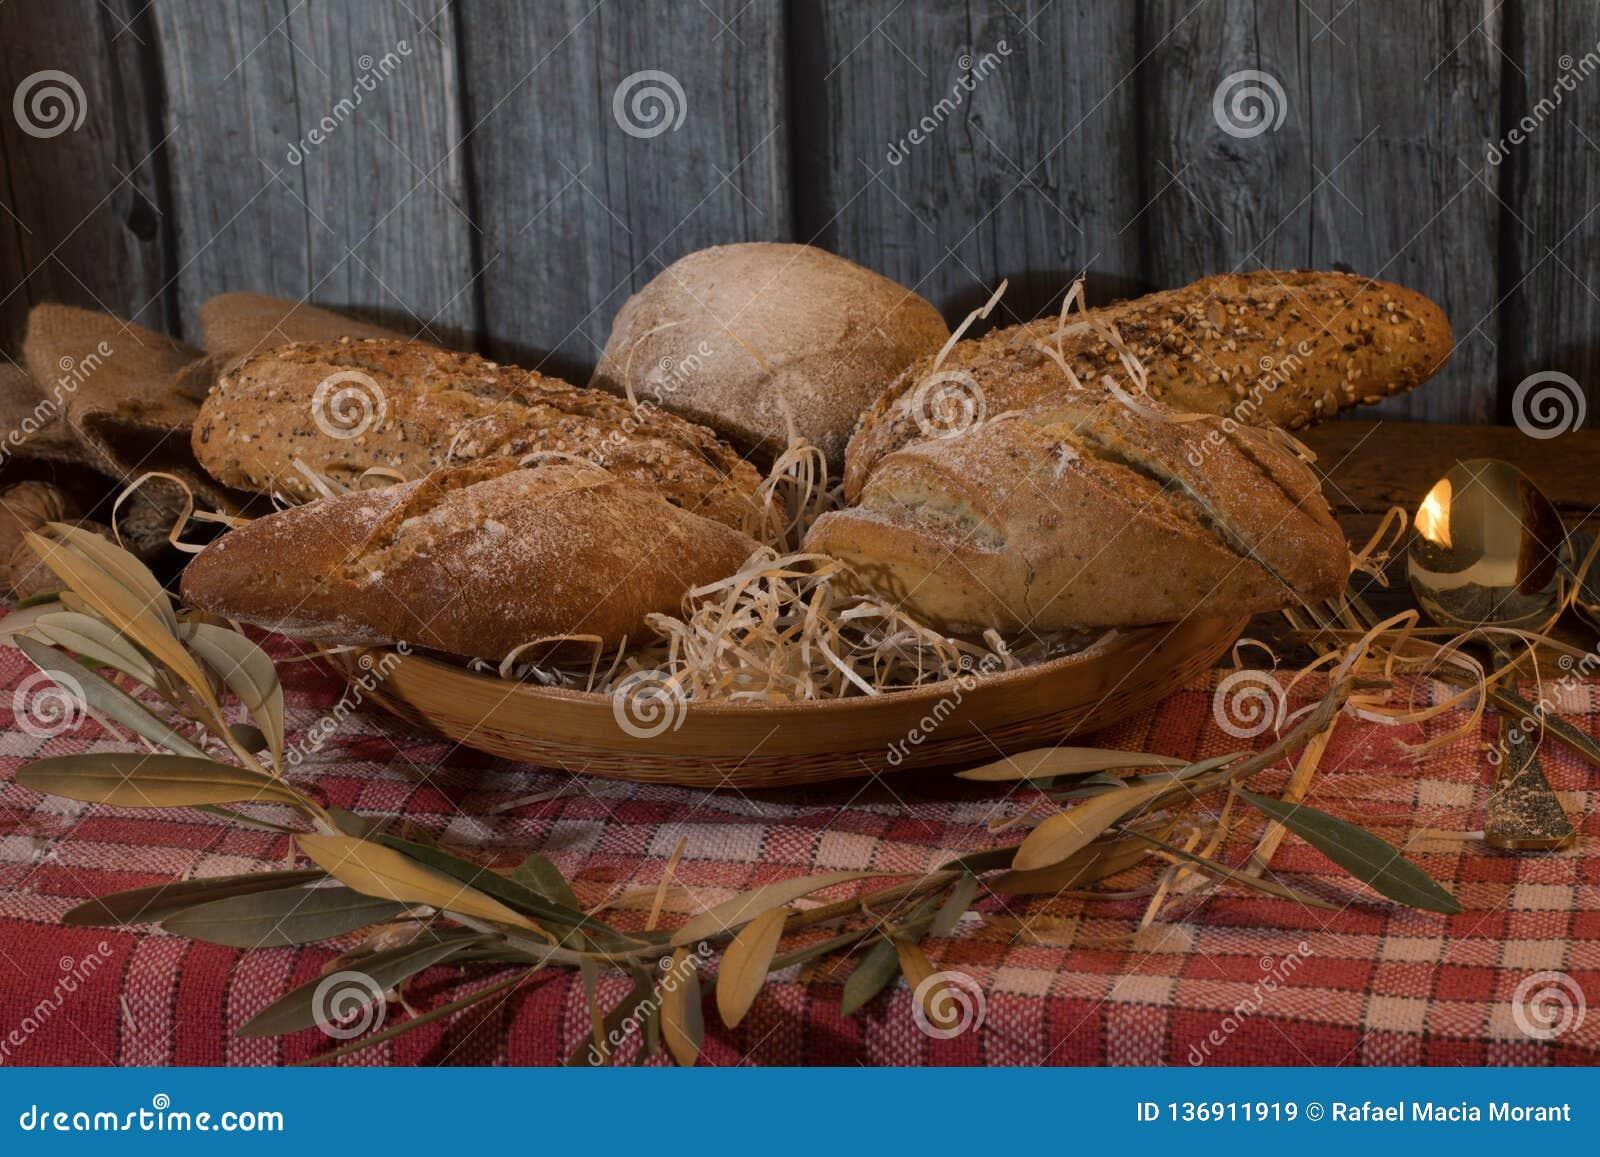 Ремесленник обваливает в сухарях в корзине с деревянной предпосылкой